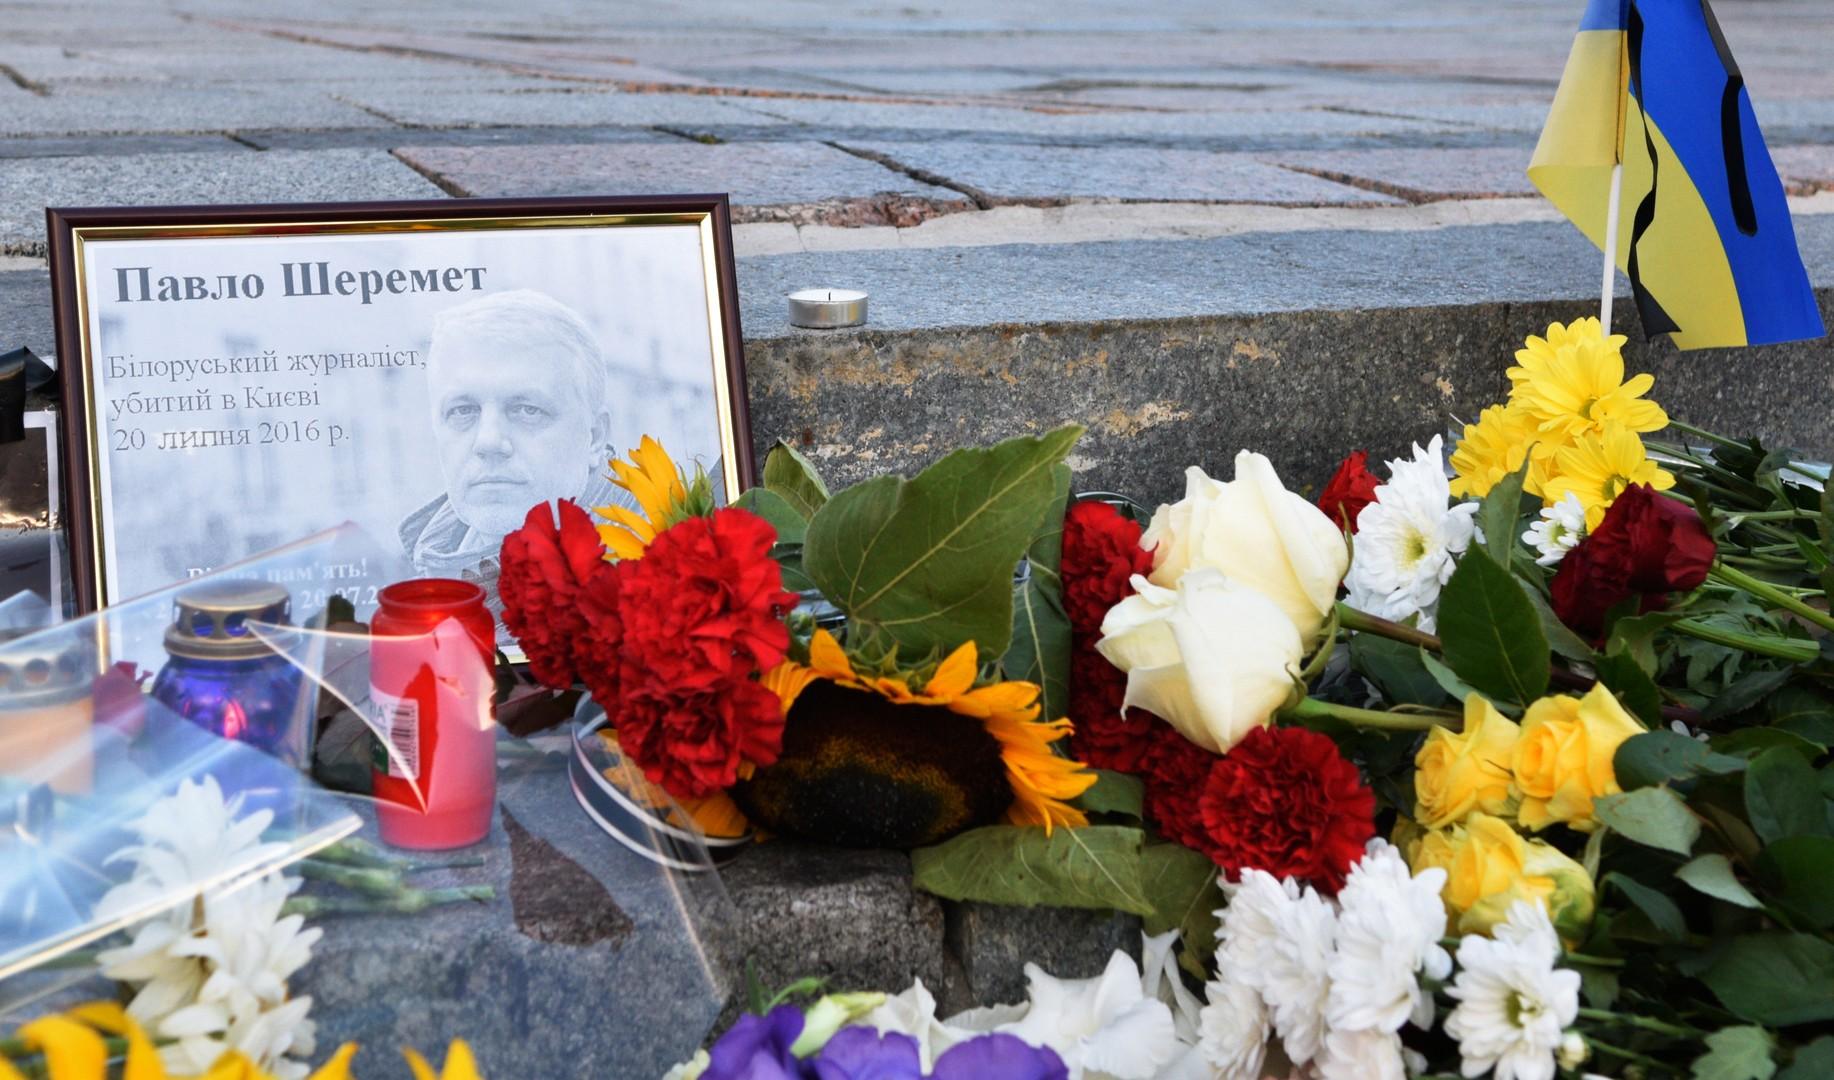 20 июля в Киеве в результате взрыва автомобиля погиб журналист Павел Шеремет.